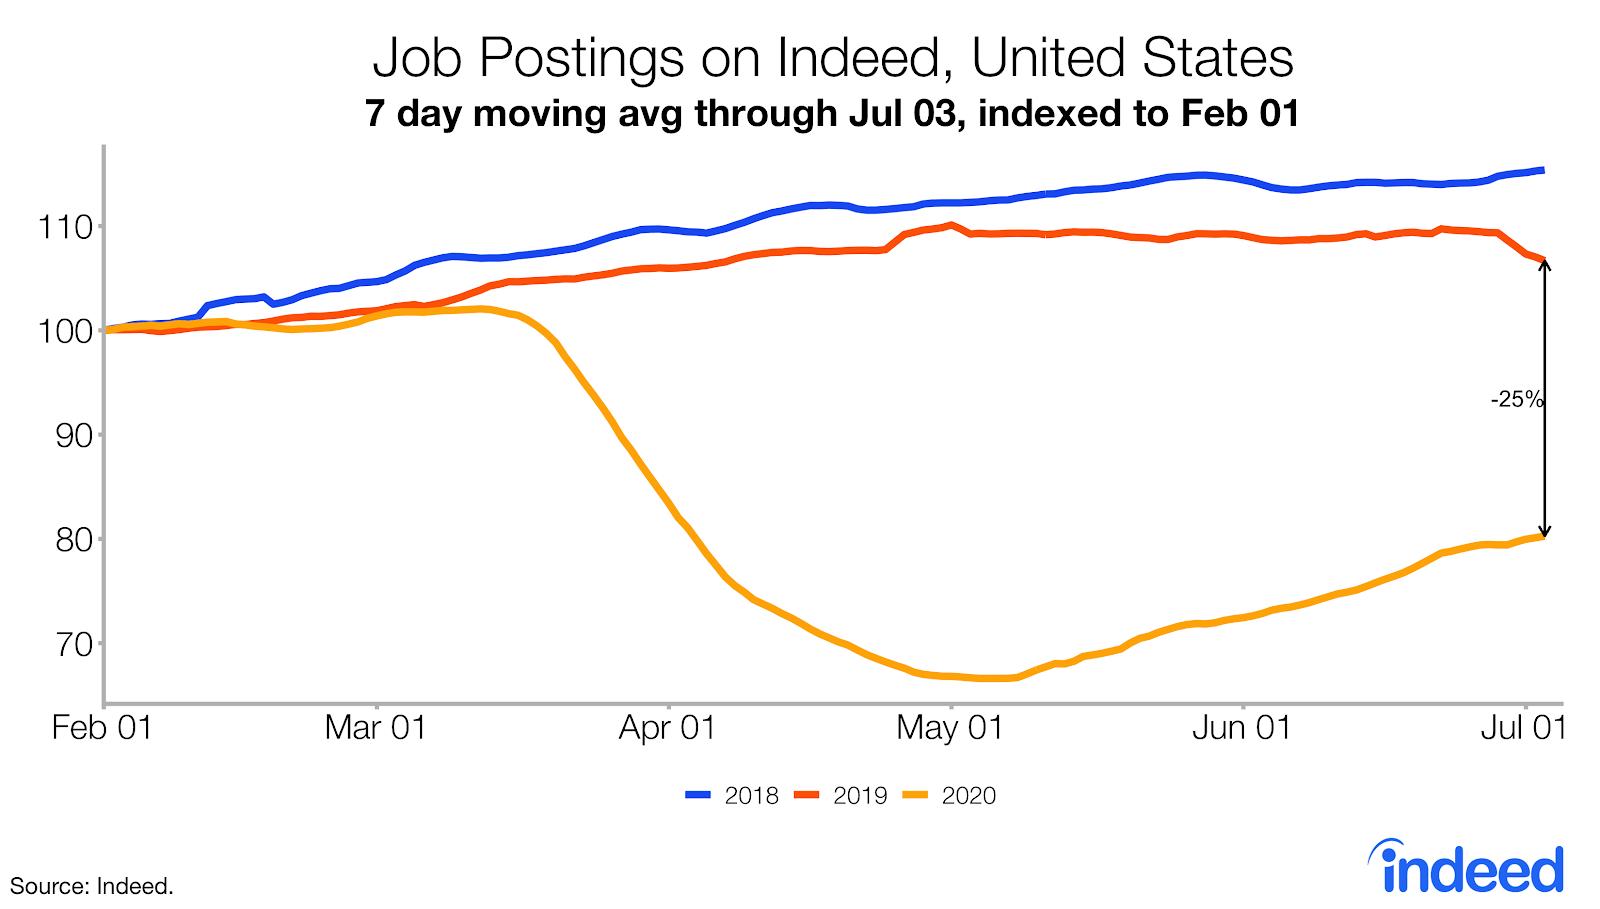 job postings on Indeed, United States